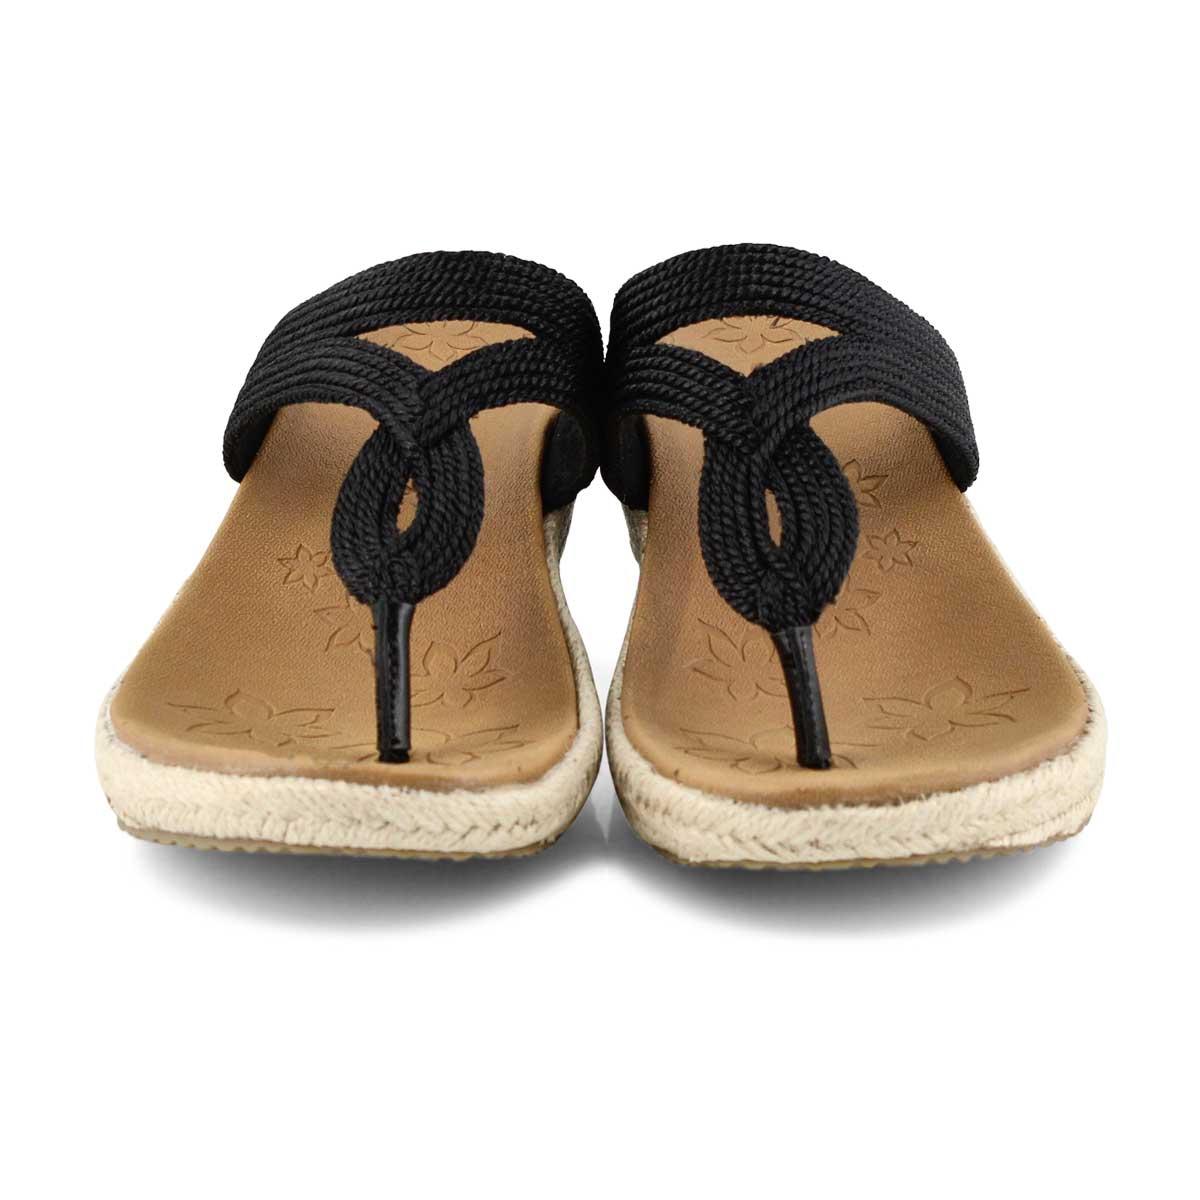 Women's Beverlee Sandal - Black